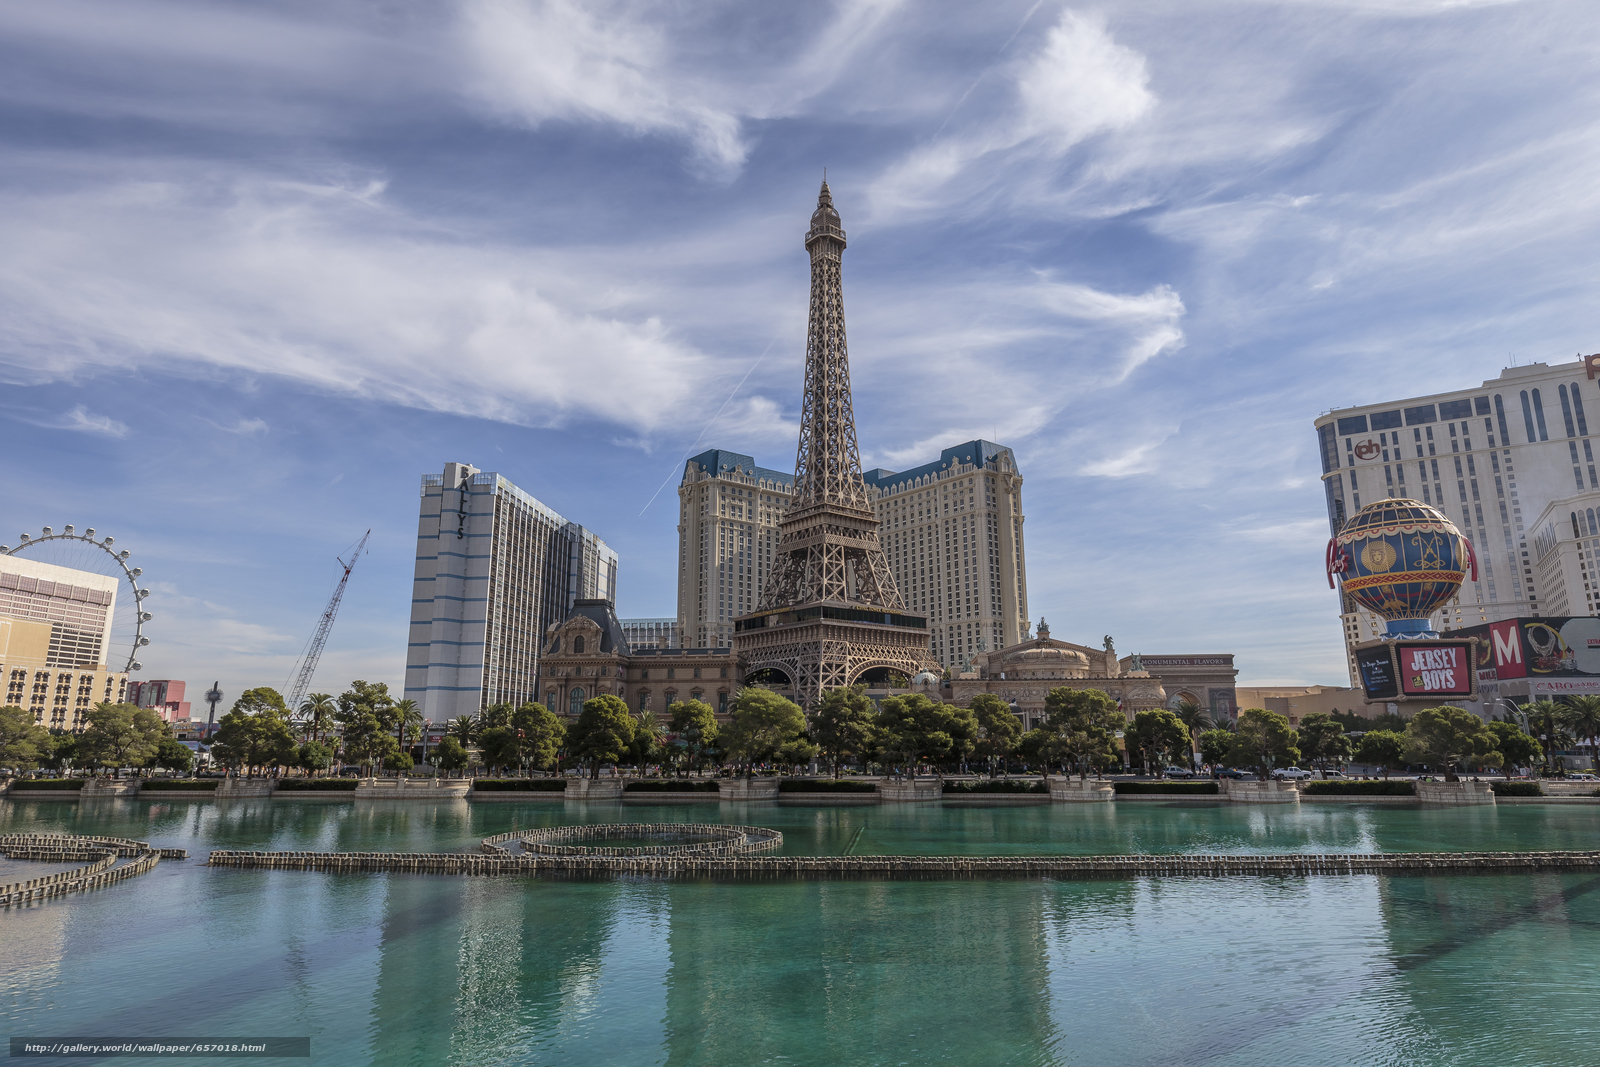 Скачать обои Las Vegas,  Nevada,  сша,  город бесплатно для рабочего стола в разрешении 5472x3648 — картинка №657018